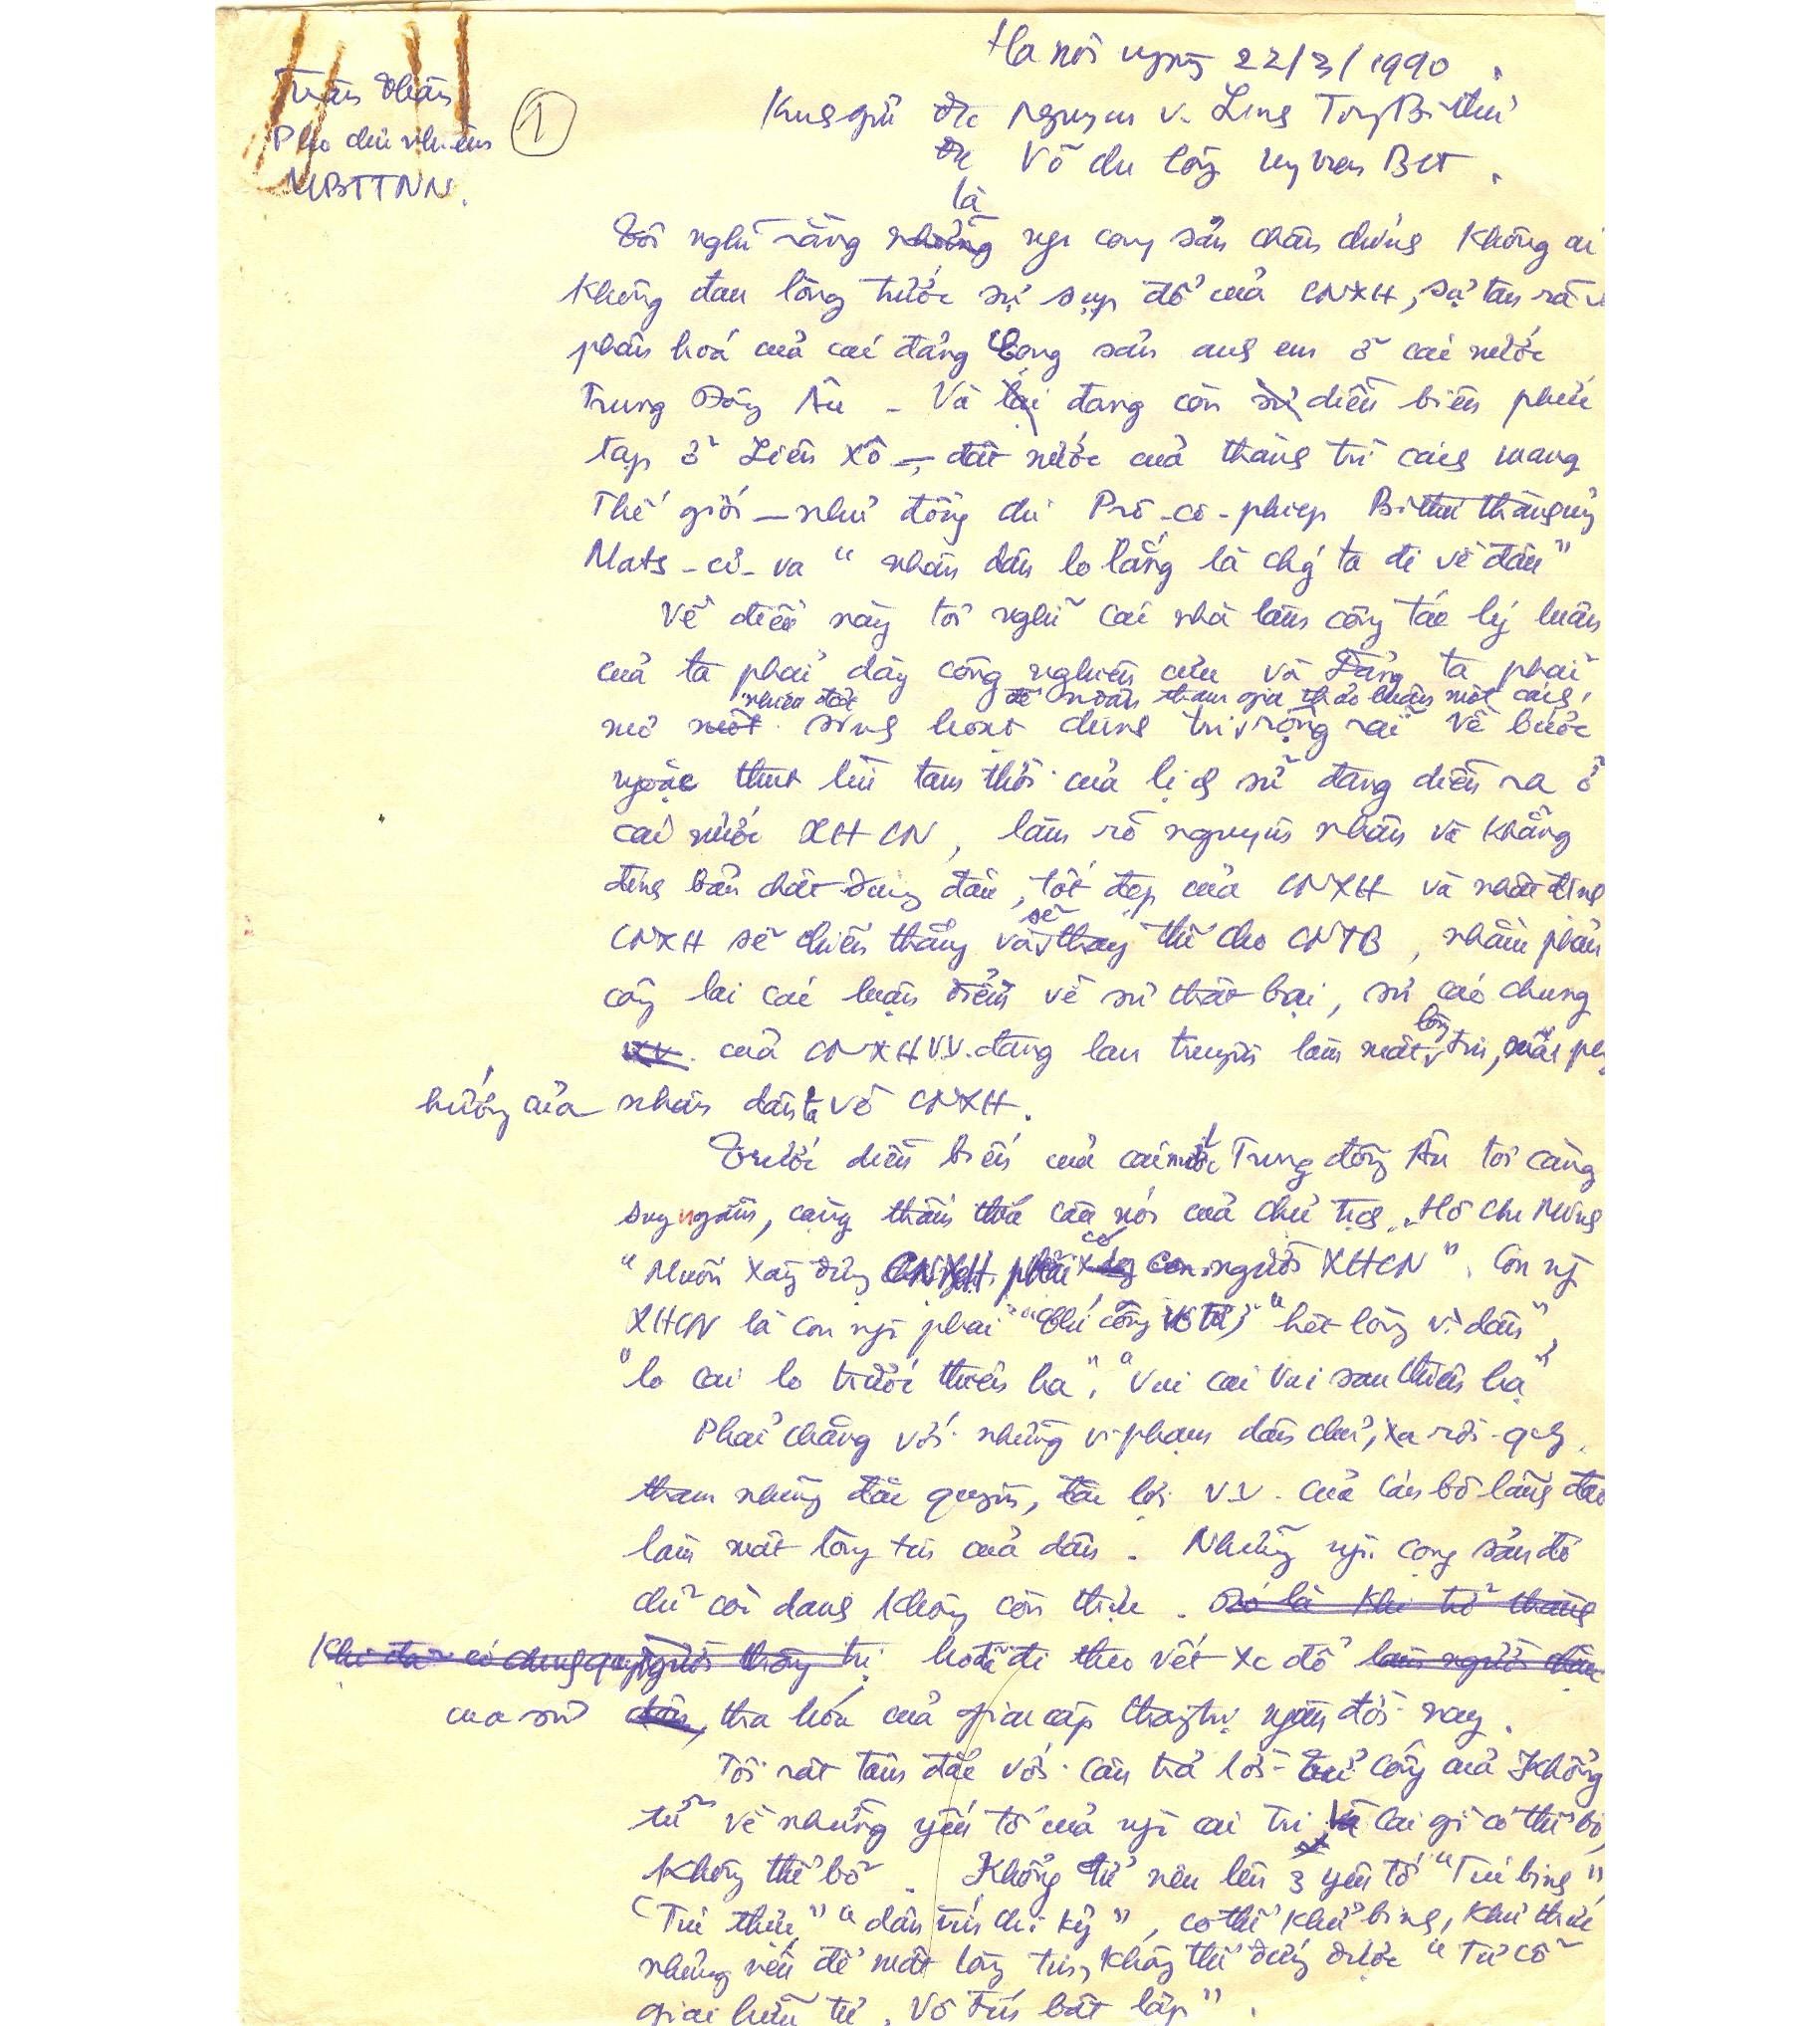 Bút tích lá thư đồng chí Trần Thận gửi đồng chí Nguyễn Văn Linh - Tổng Bí thư và đồng chí Võ Chí Công - Chủ tịch Hội đồng Nhà nước ngày 22-3-1990.